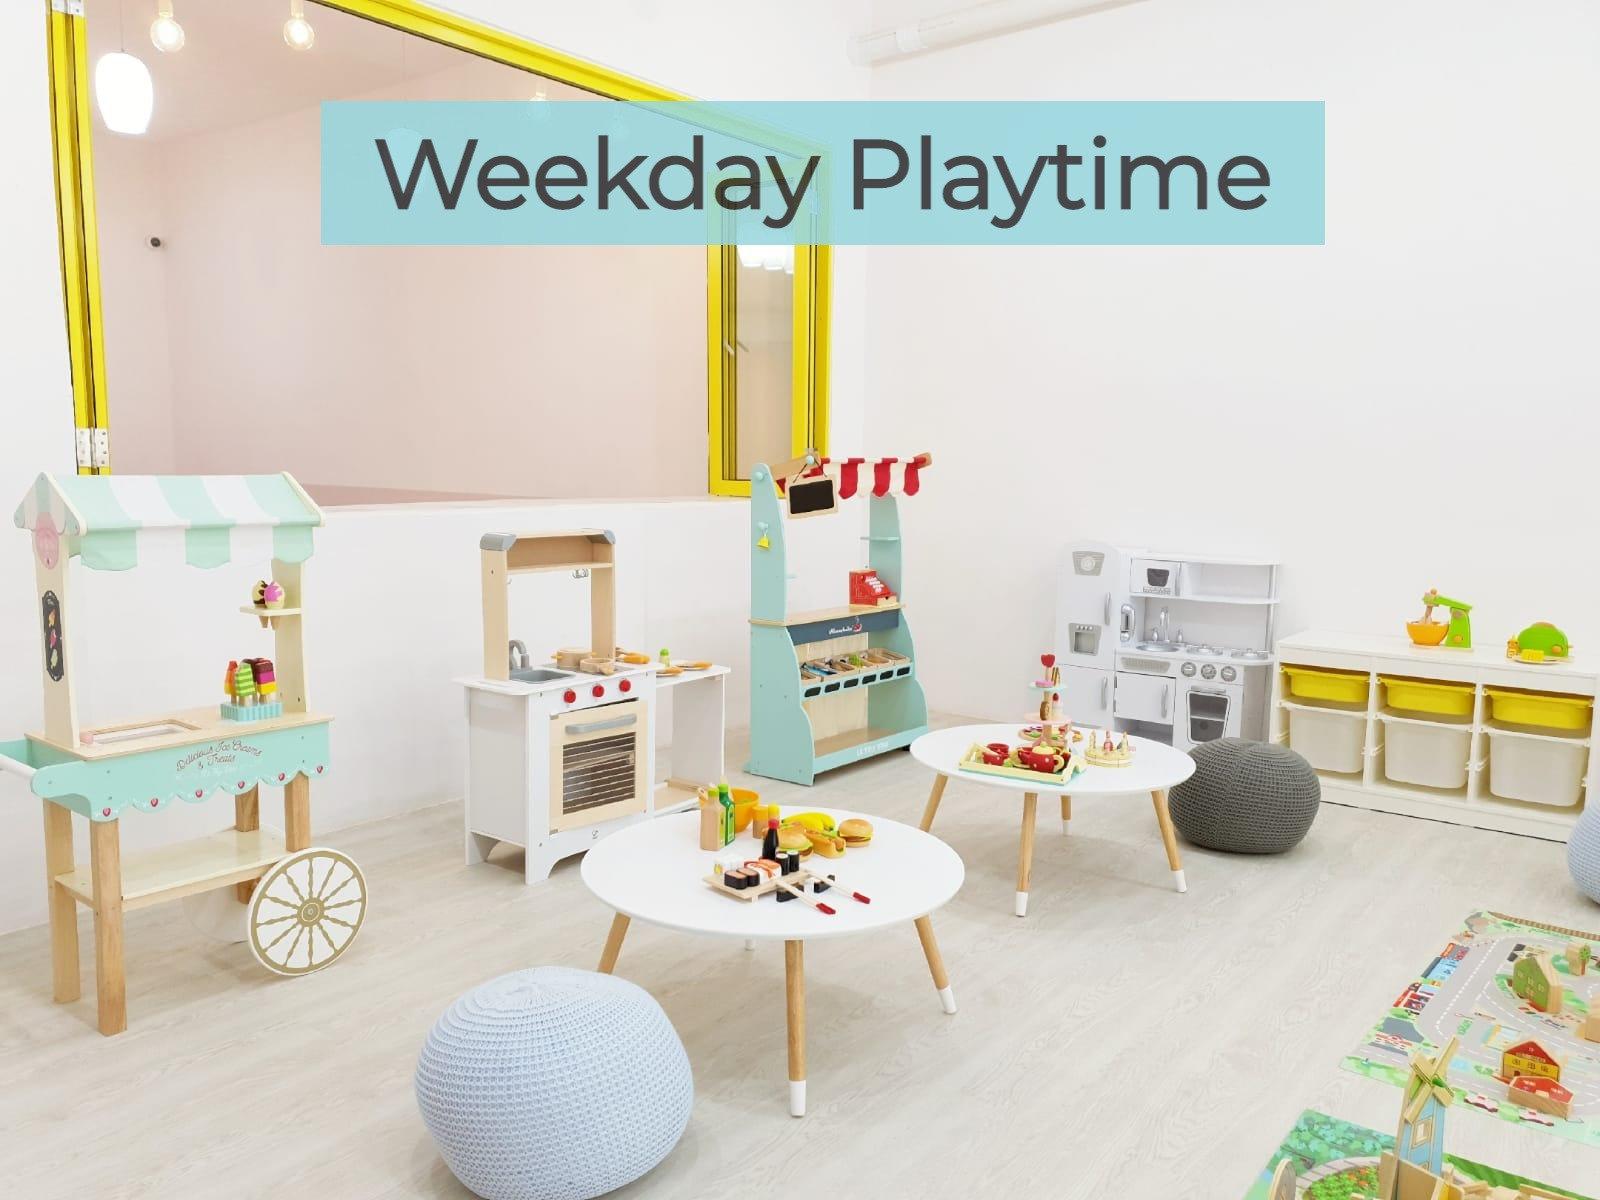 Weekday Playtime